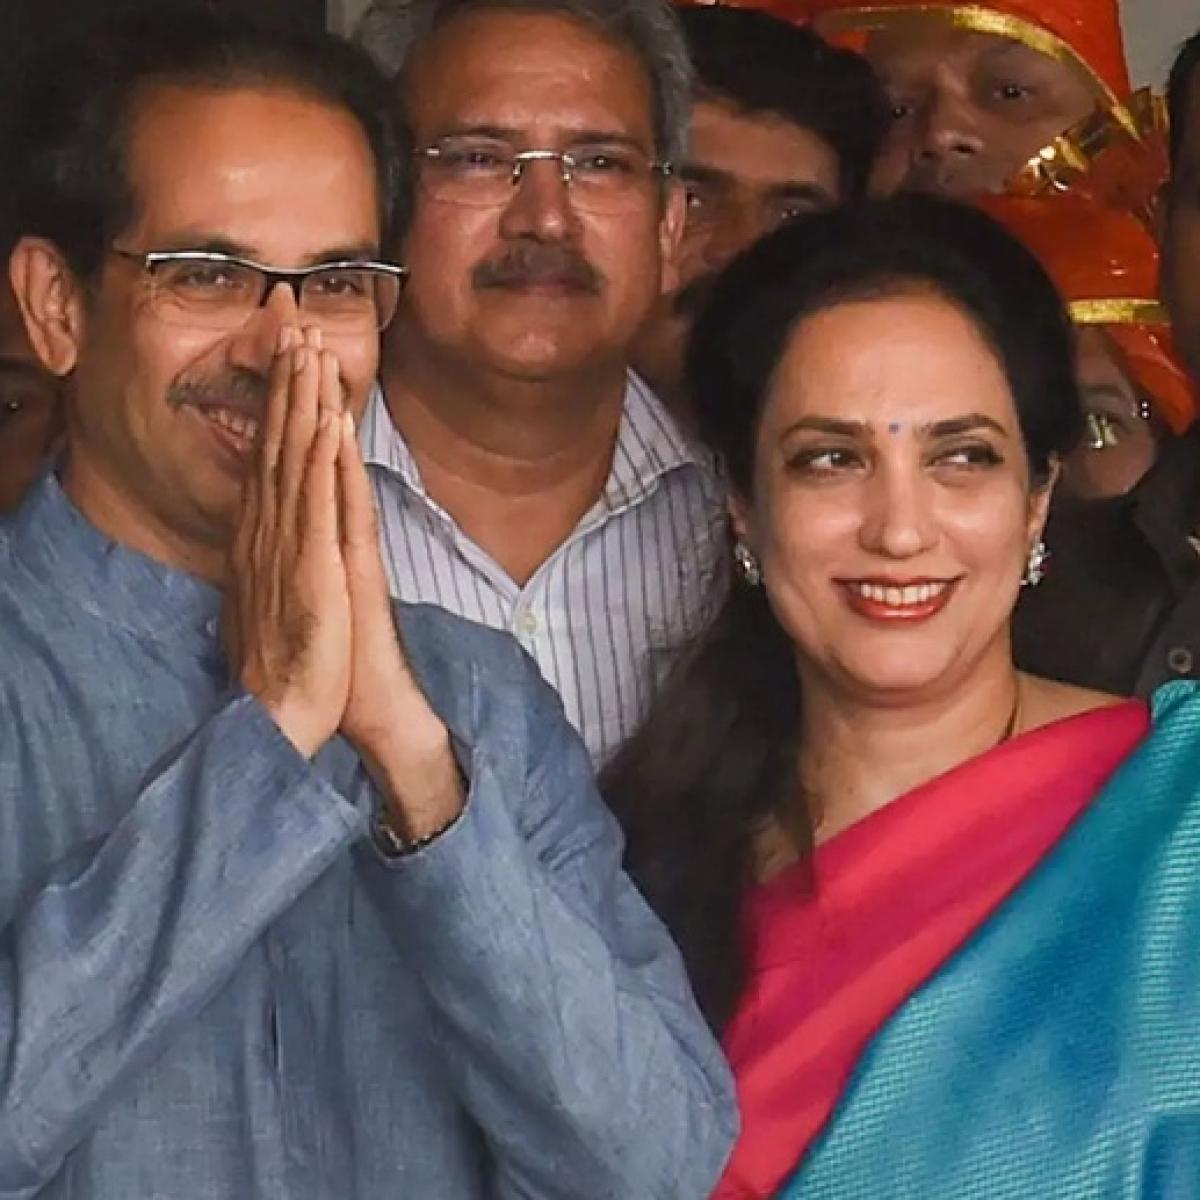 After Uddhav, Rashmi Thackeray named as the new editor of Shiv Sena's mouthpiece Saamana